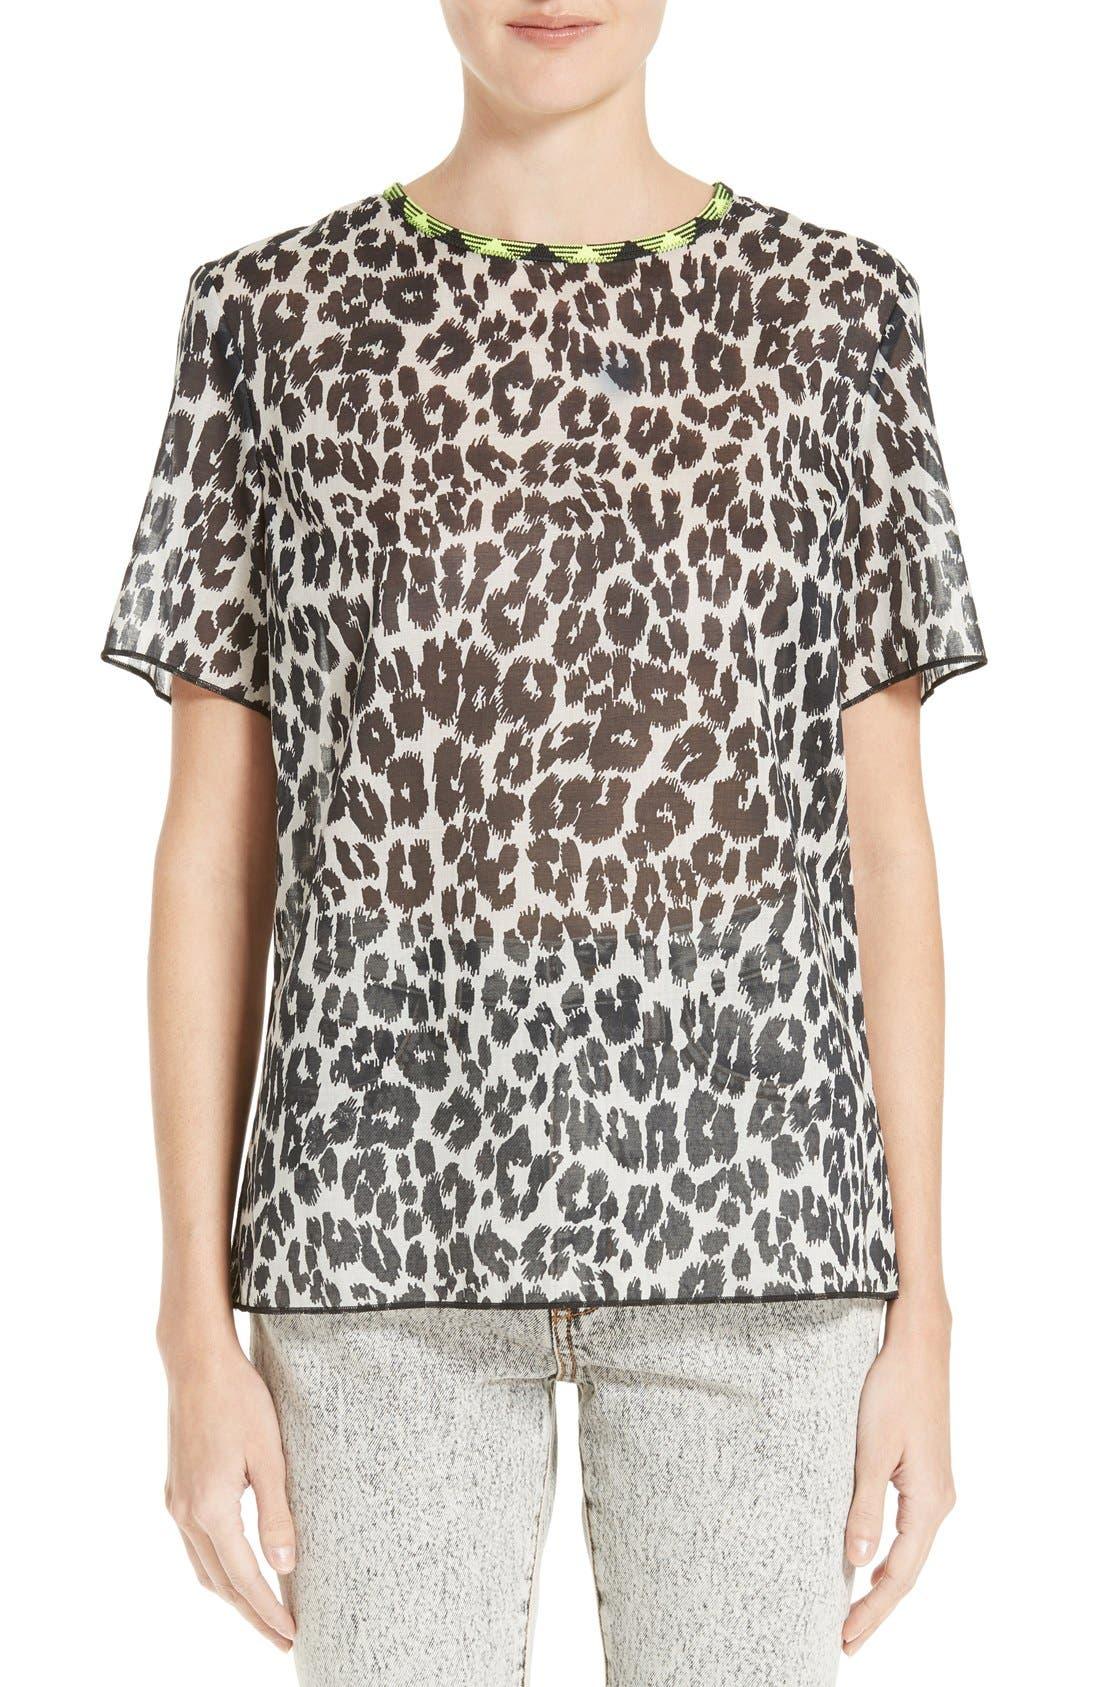 MARC JACOBS Leopard Print Cotton Tee